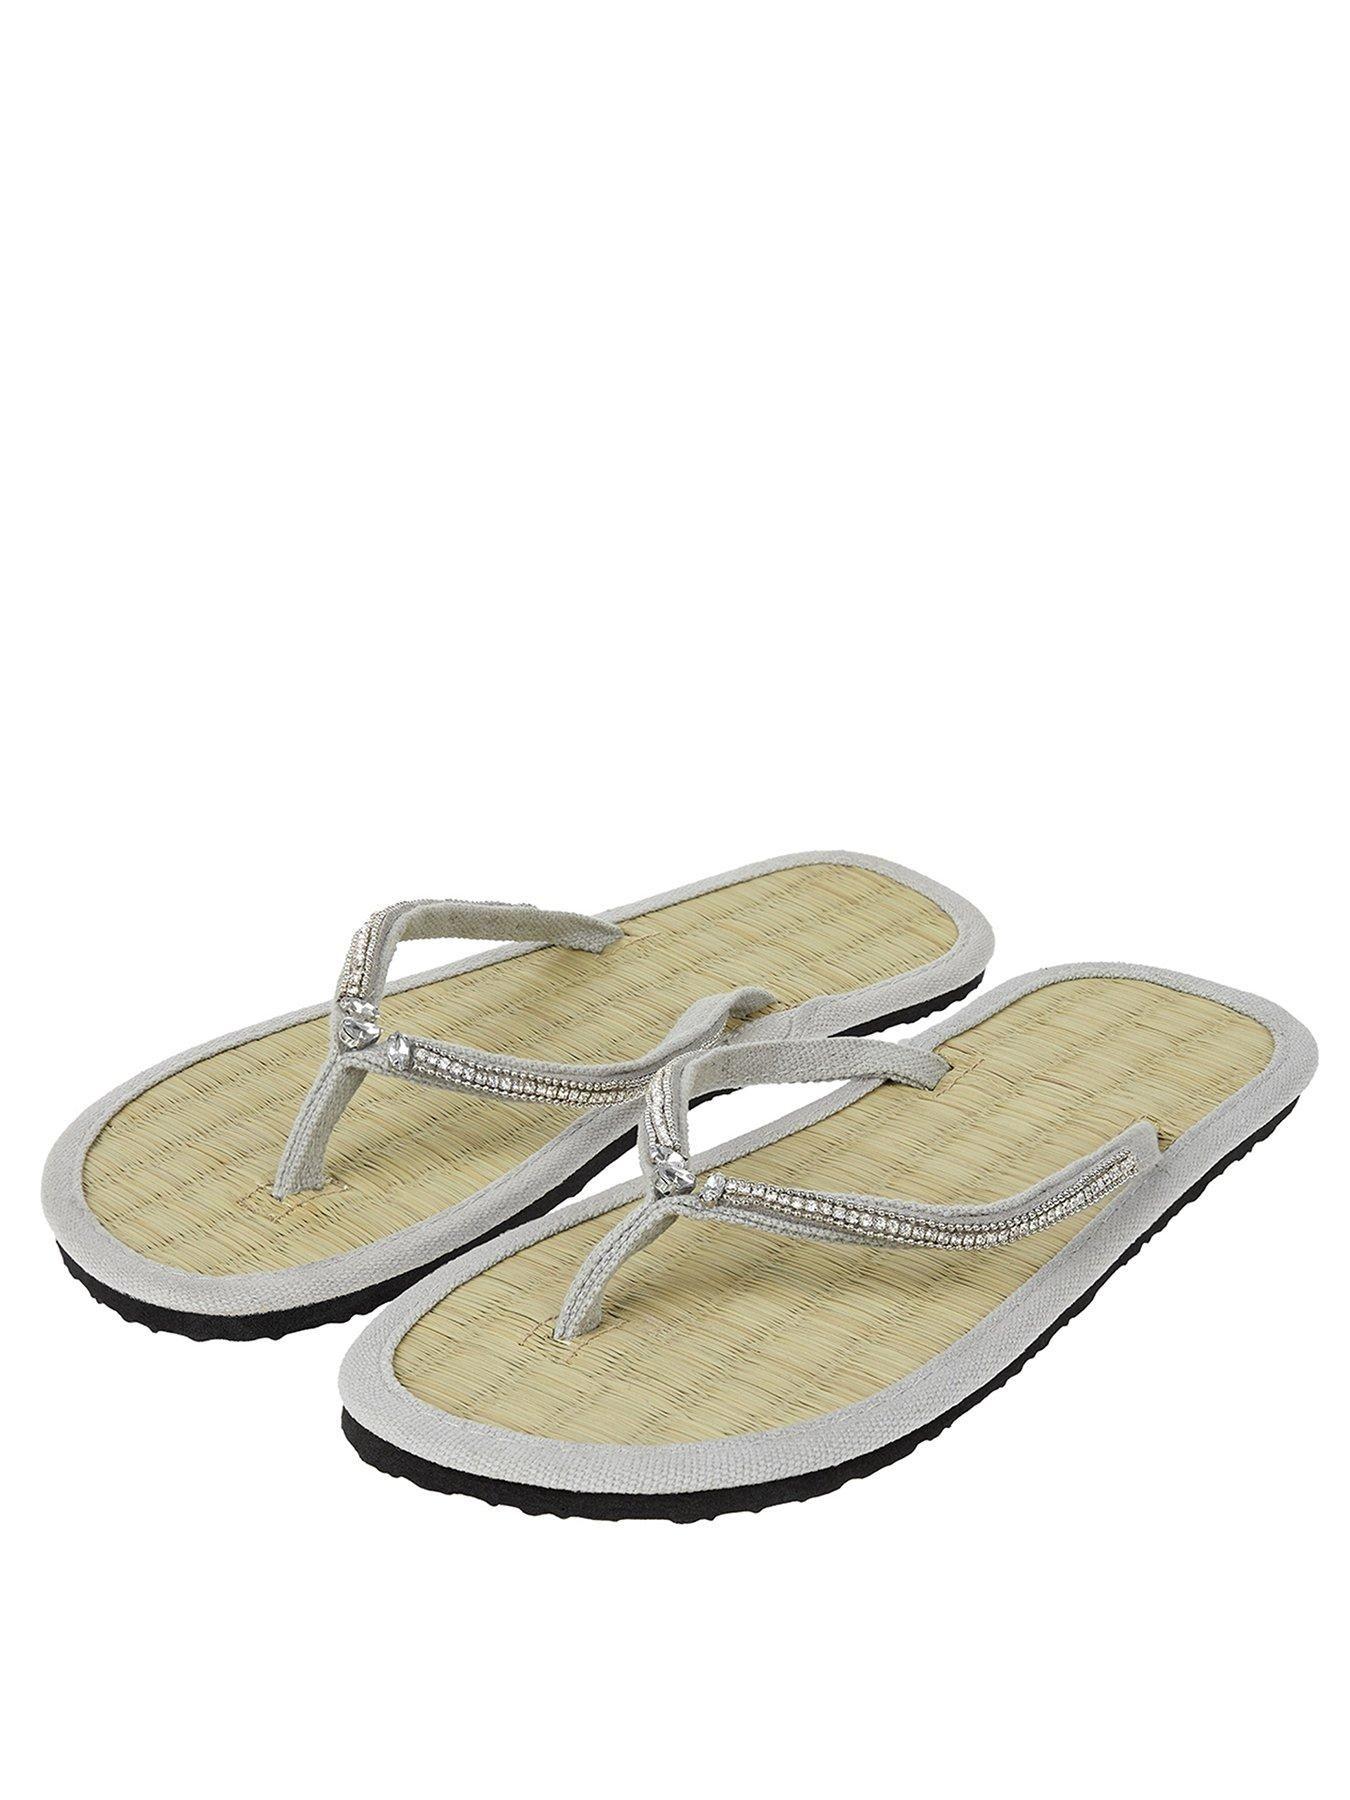 161340ad9de915 Accessorize Seychelles Sparkle Seagrass Flip Flop Sandal - Grey ...